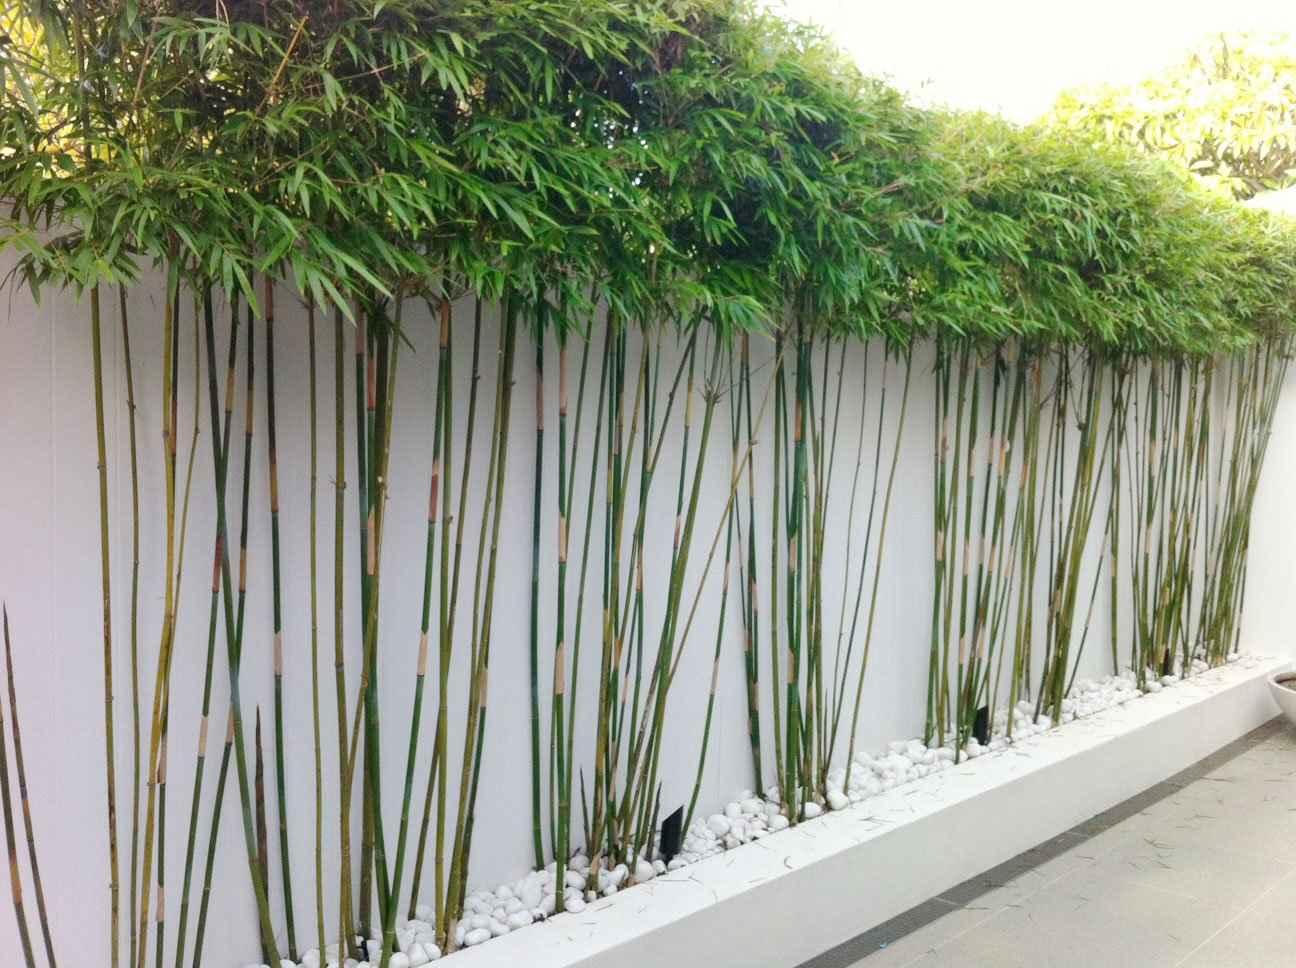 Hình ảnh cây trúc trang trí sân vườn